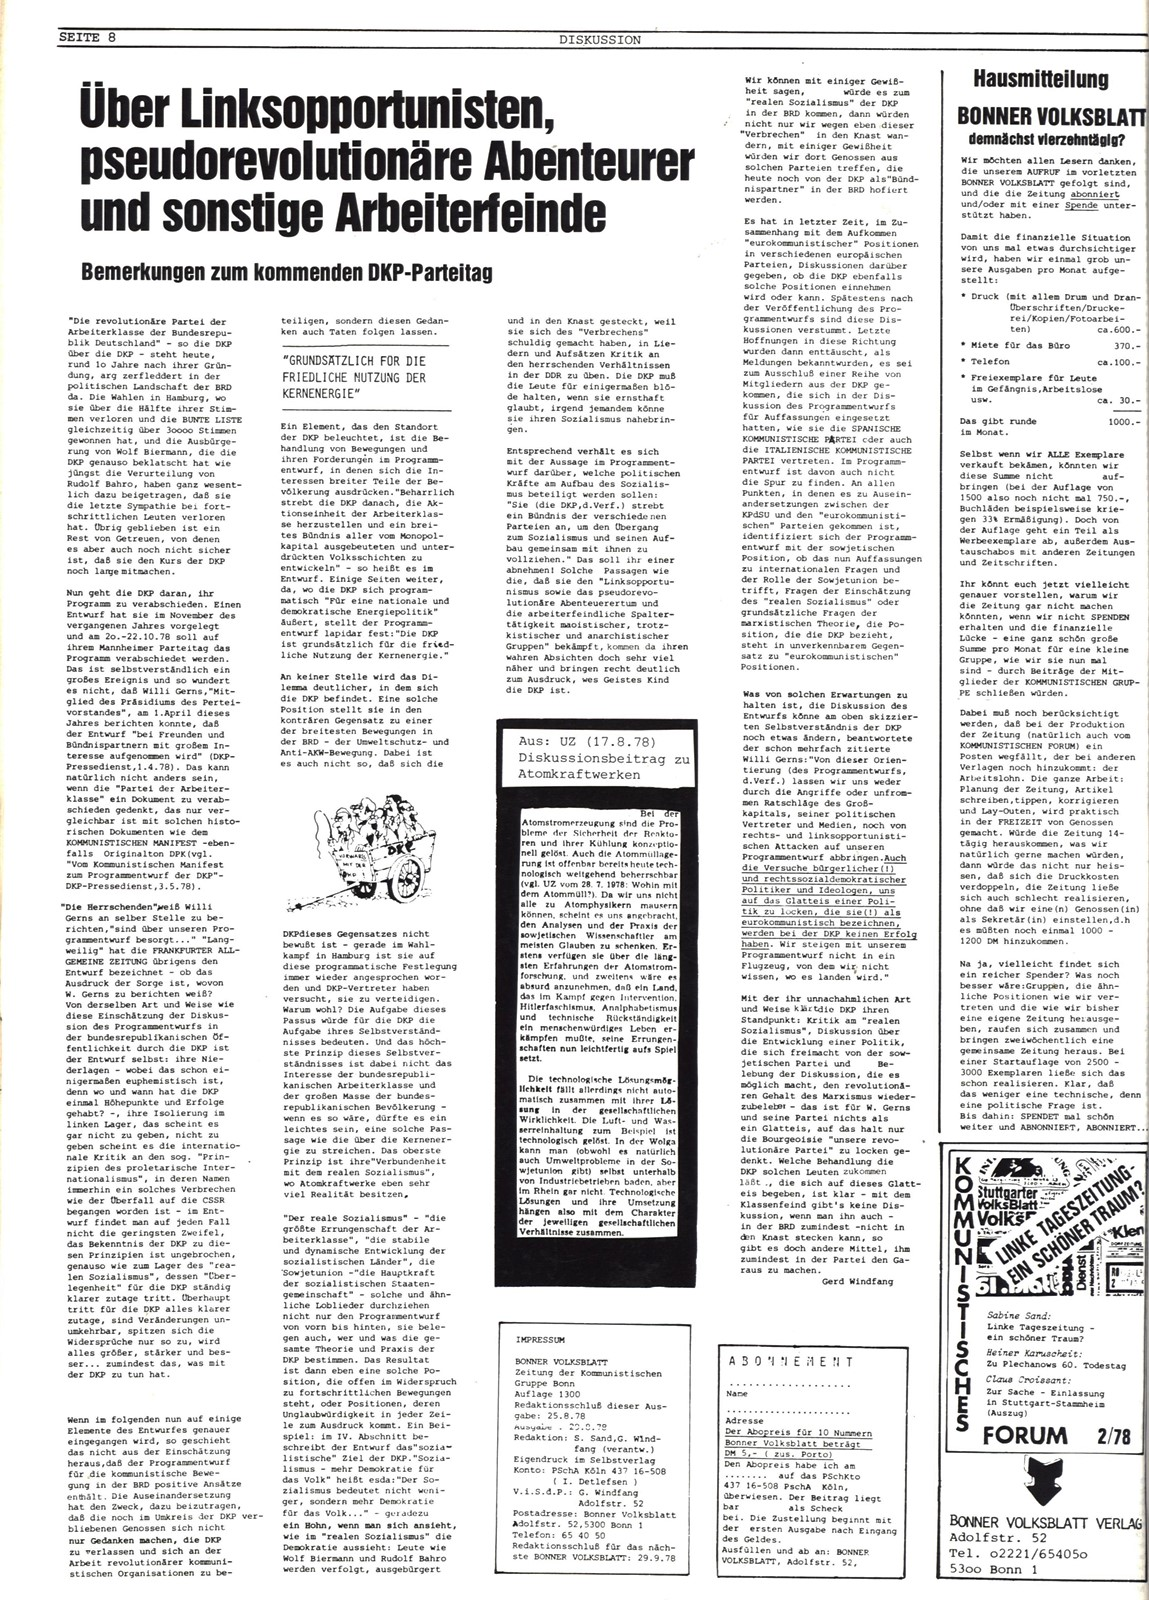 Bonner_Volksblatt_16_19780830_08